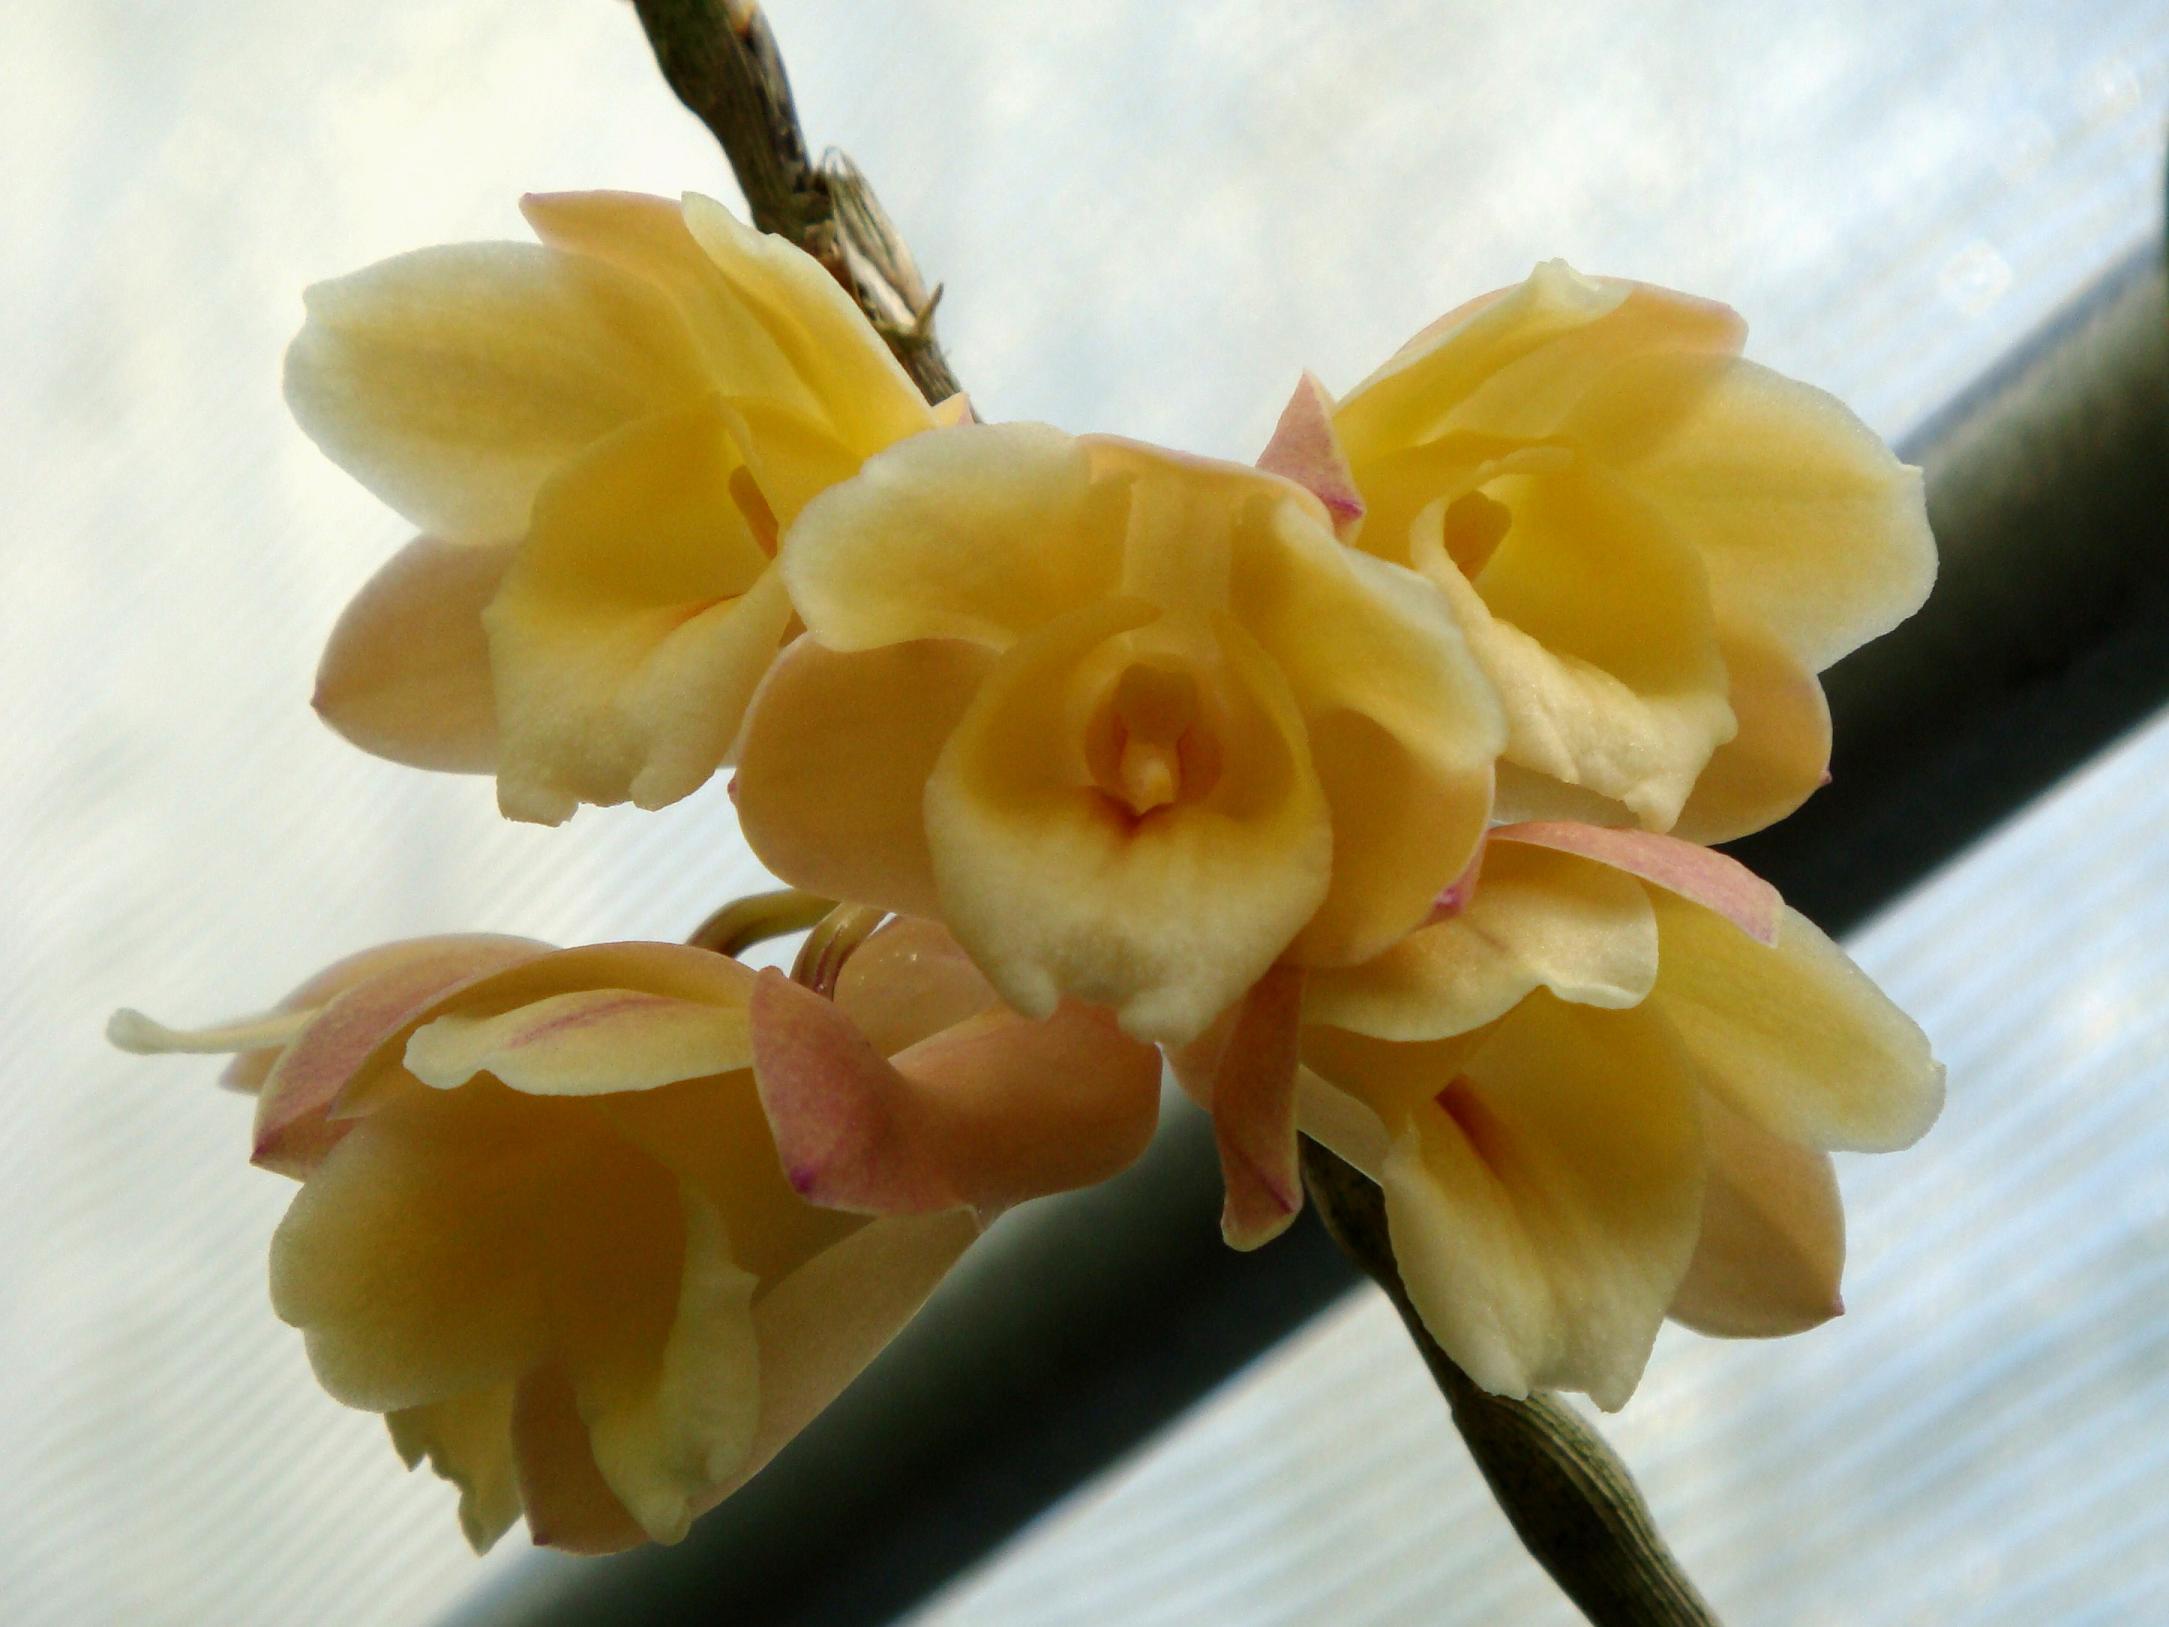 http://orchids.la.coocan.jp/Dendrobium/Dendrobium%20sanguinolentum/DSC04658.JPG